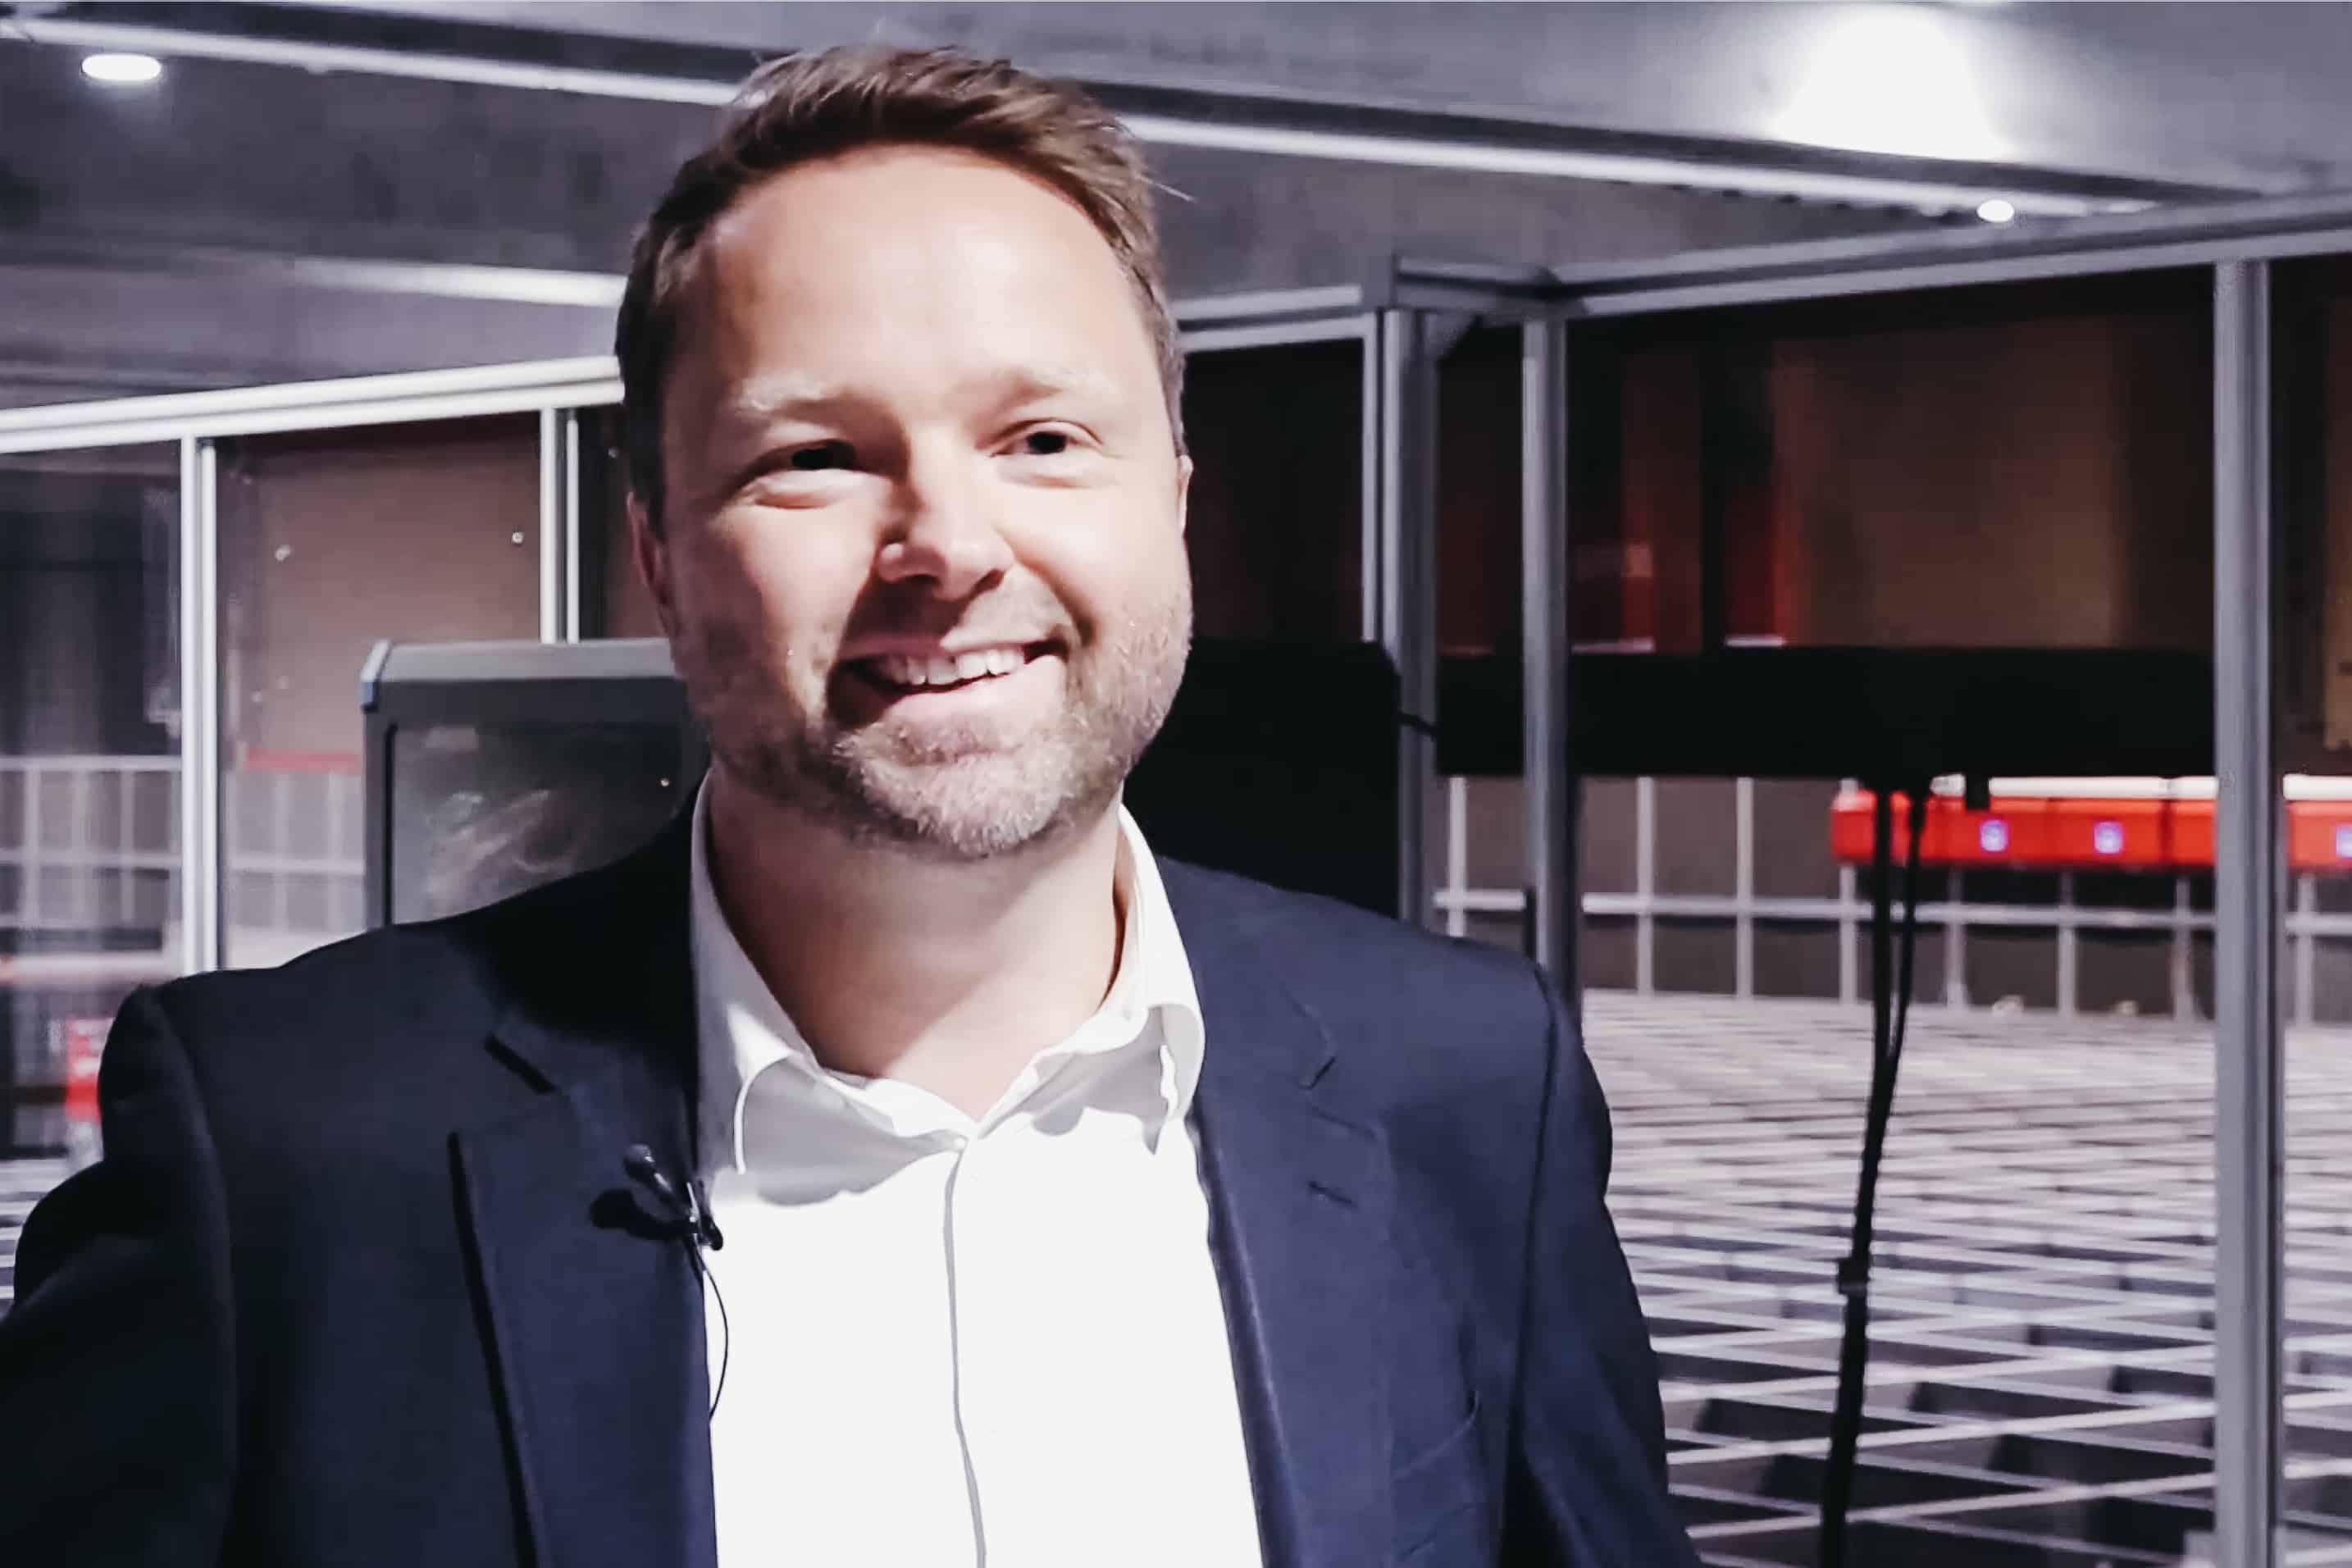 Ivan Jæger Christiansen, Managing Director of Proshop